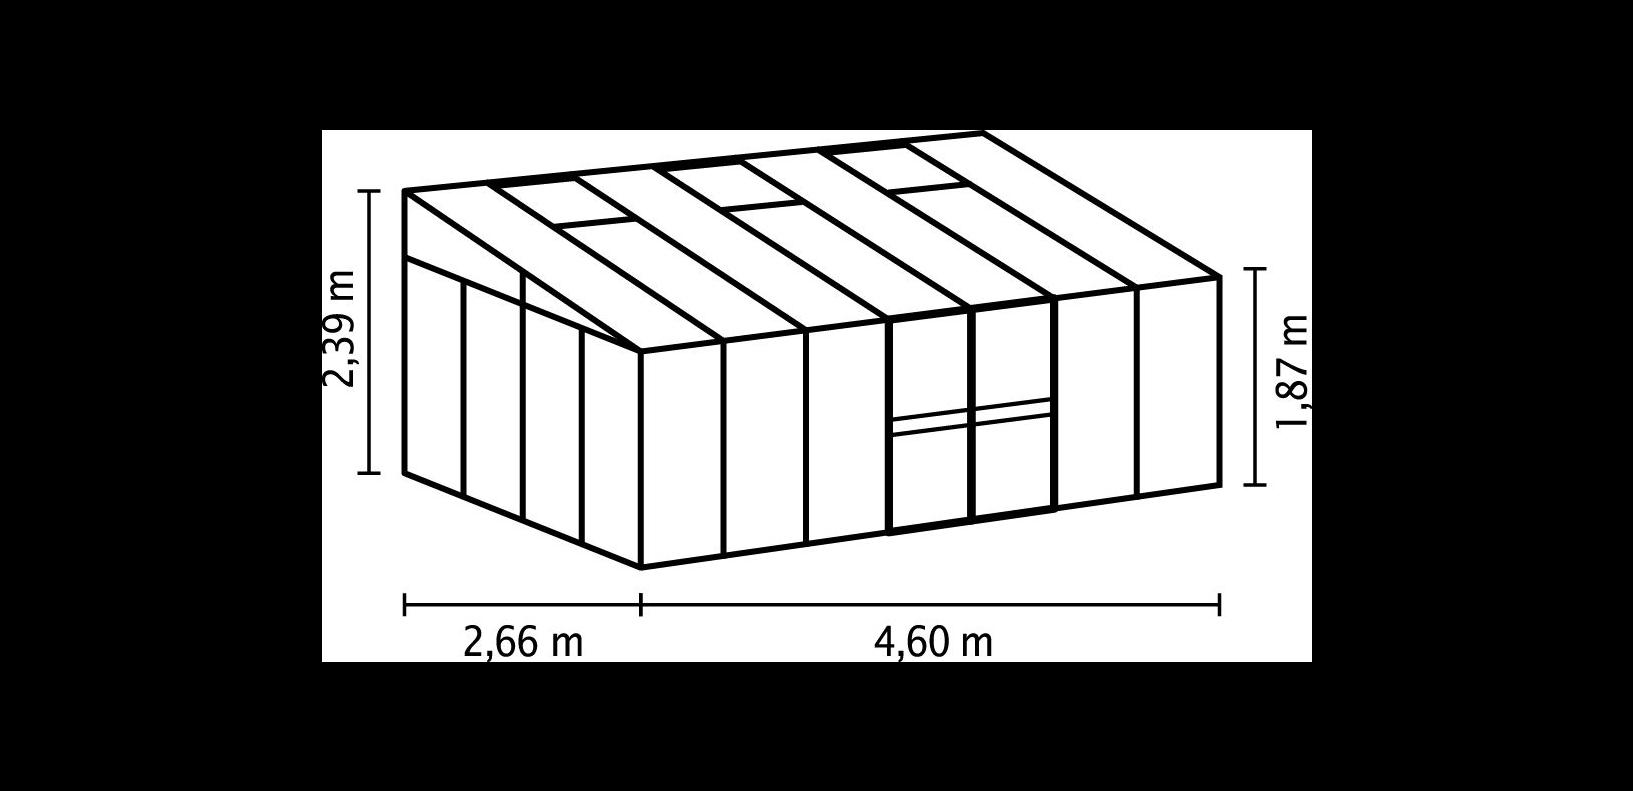 Vitavia-Gewaechshaus-Helena-6-9-m-11-9-m-Gartenhaus-Aluminium-Dachfenster Indexbild 6